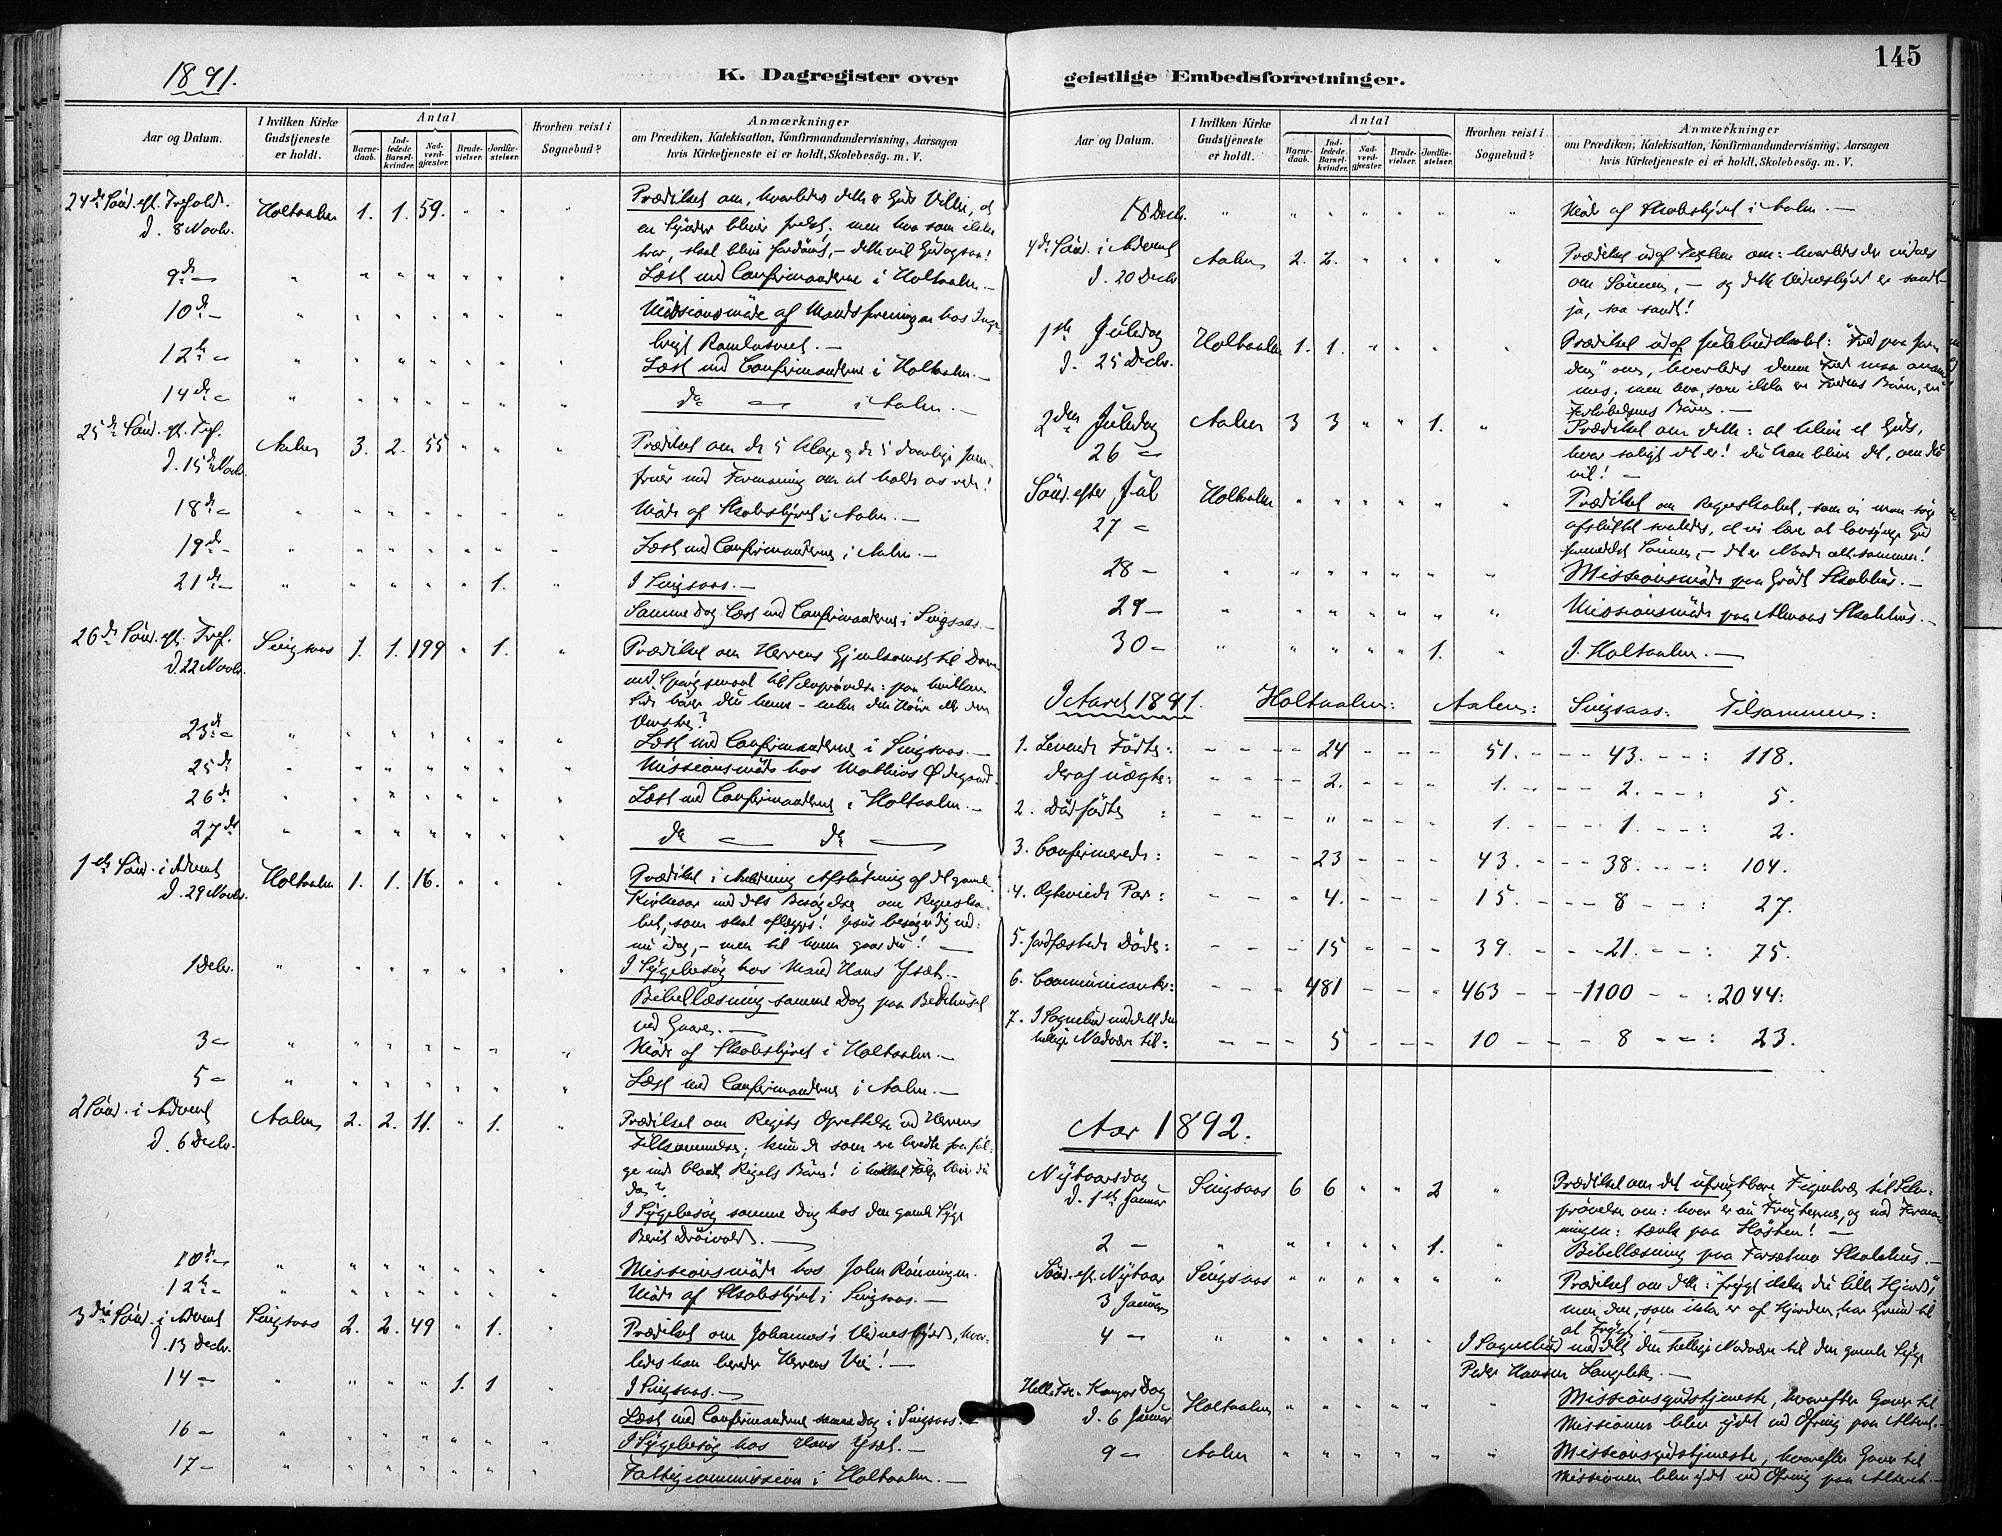 SAT, Ministerialprotokoller, klokkerbøker og fødselsregistre - Sør-Trøndelag, 685/L0973: Ministerialbok nr. 685A10, 1891-1907, s. 145